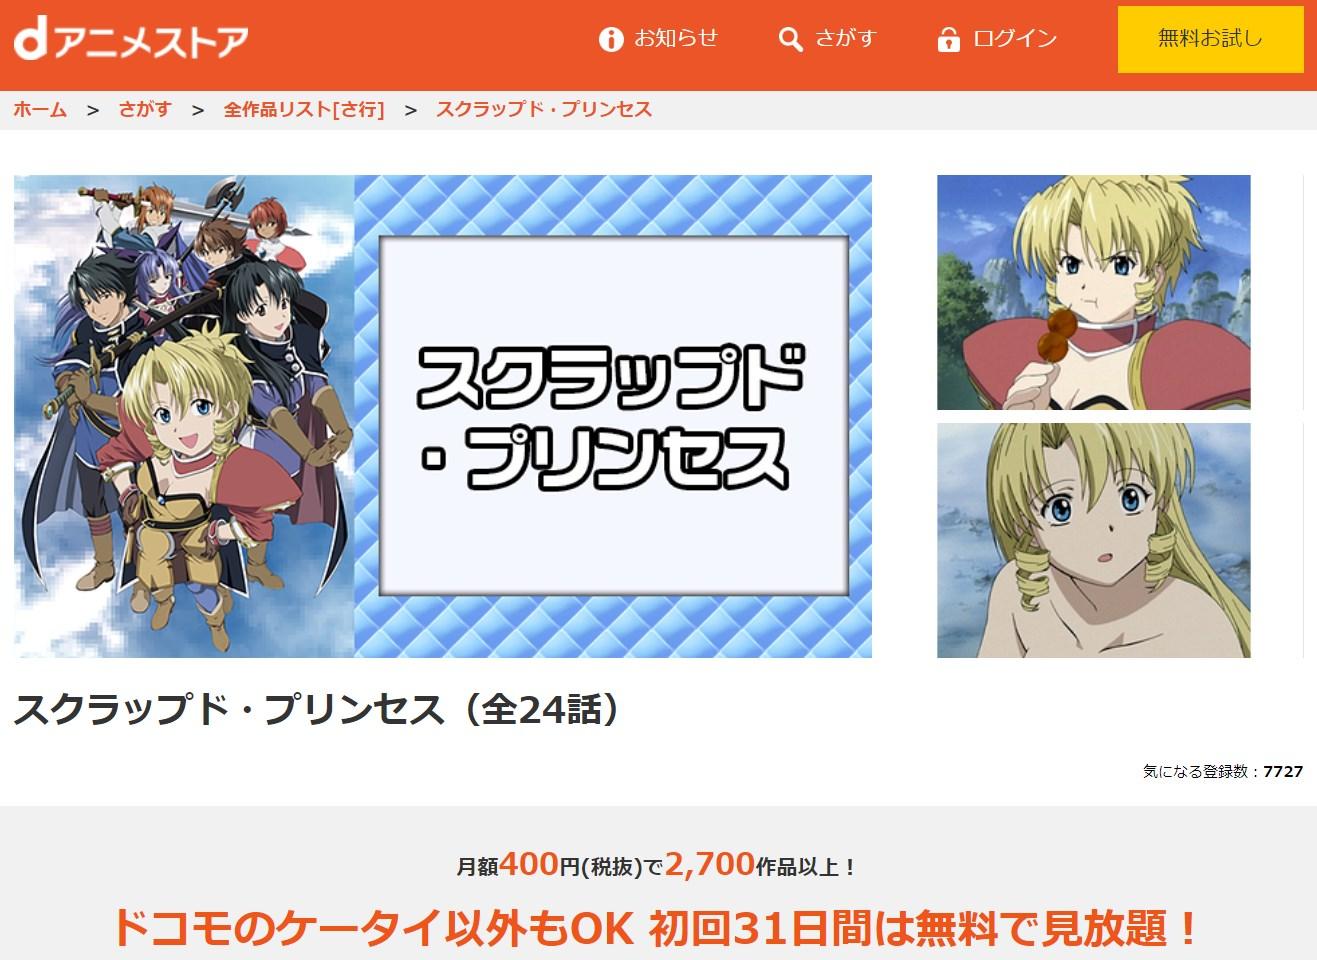 アニメ「スクラップド・プリンセス」動画配信サービスdアニメストア